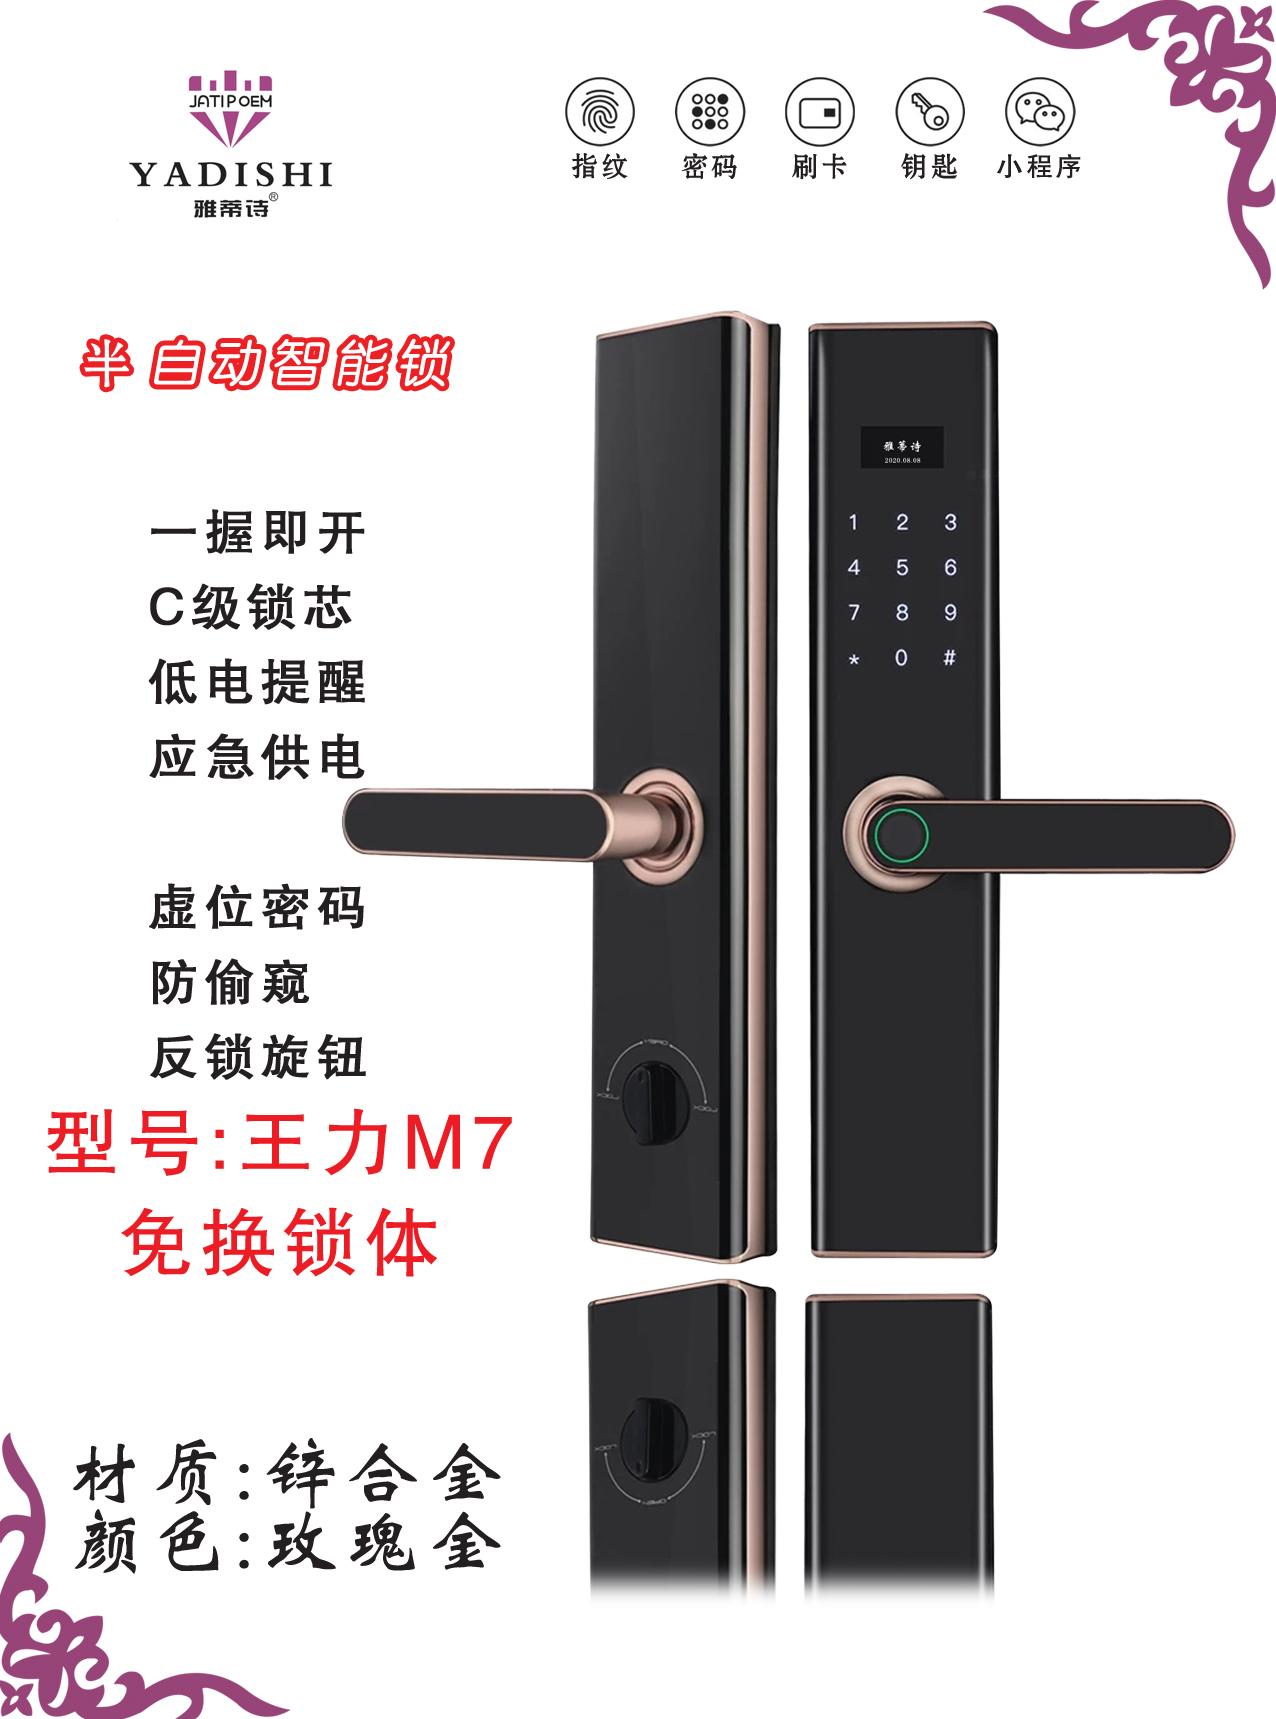 【半自动智能锁M7】